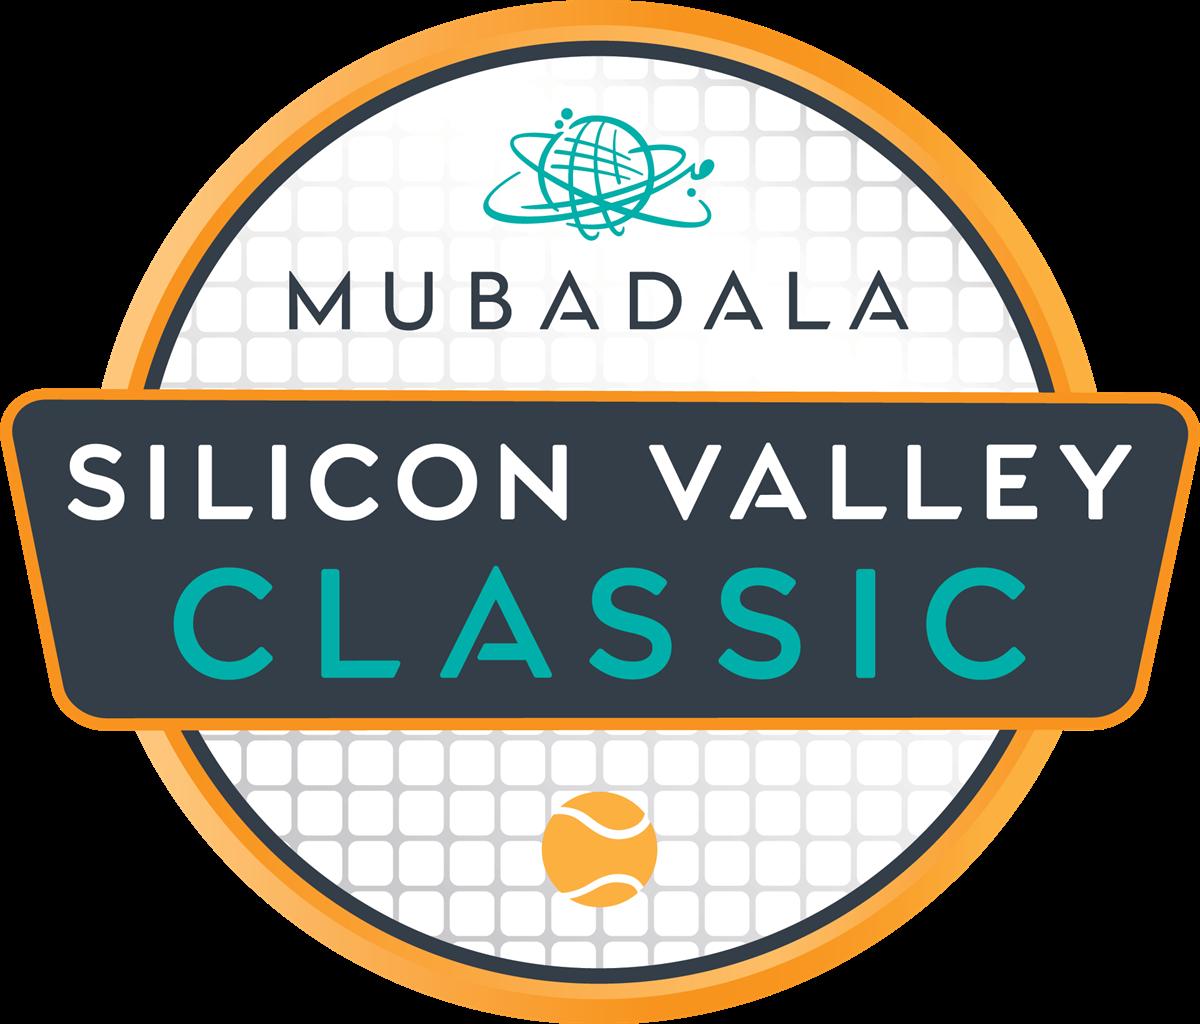 Mubadala-SV-Classic-logo-Final